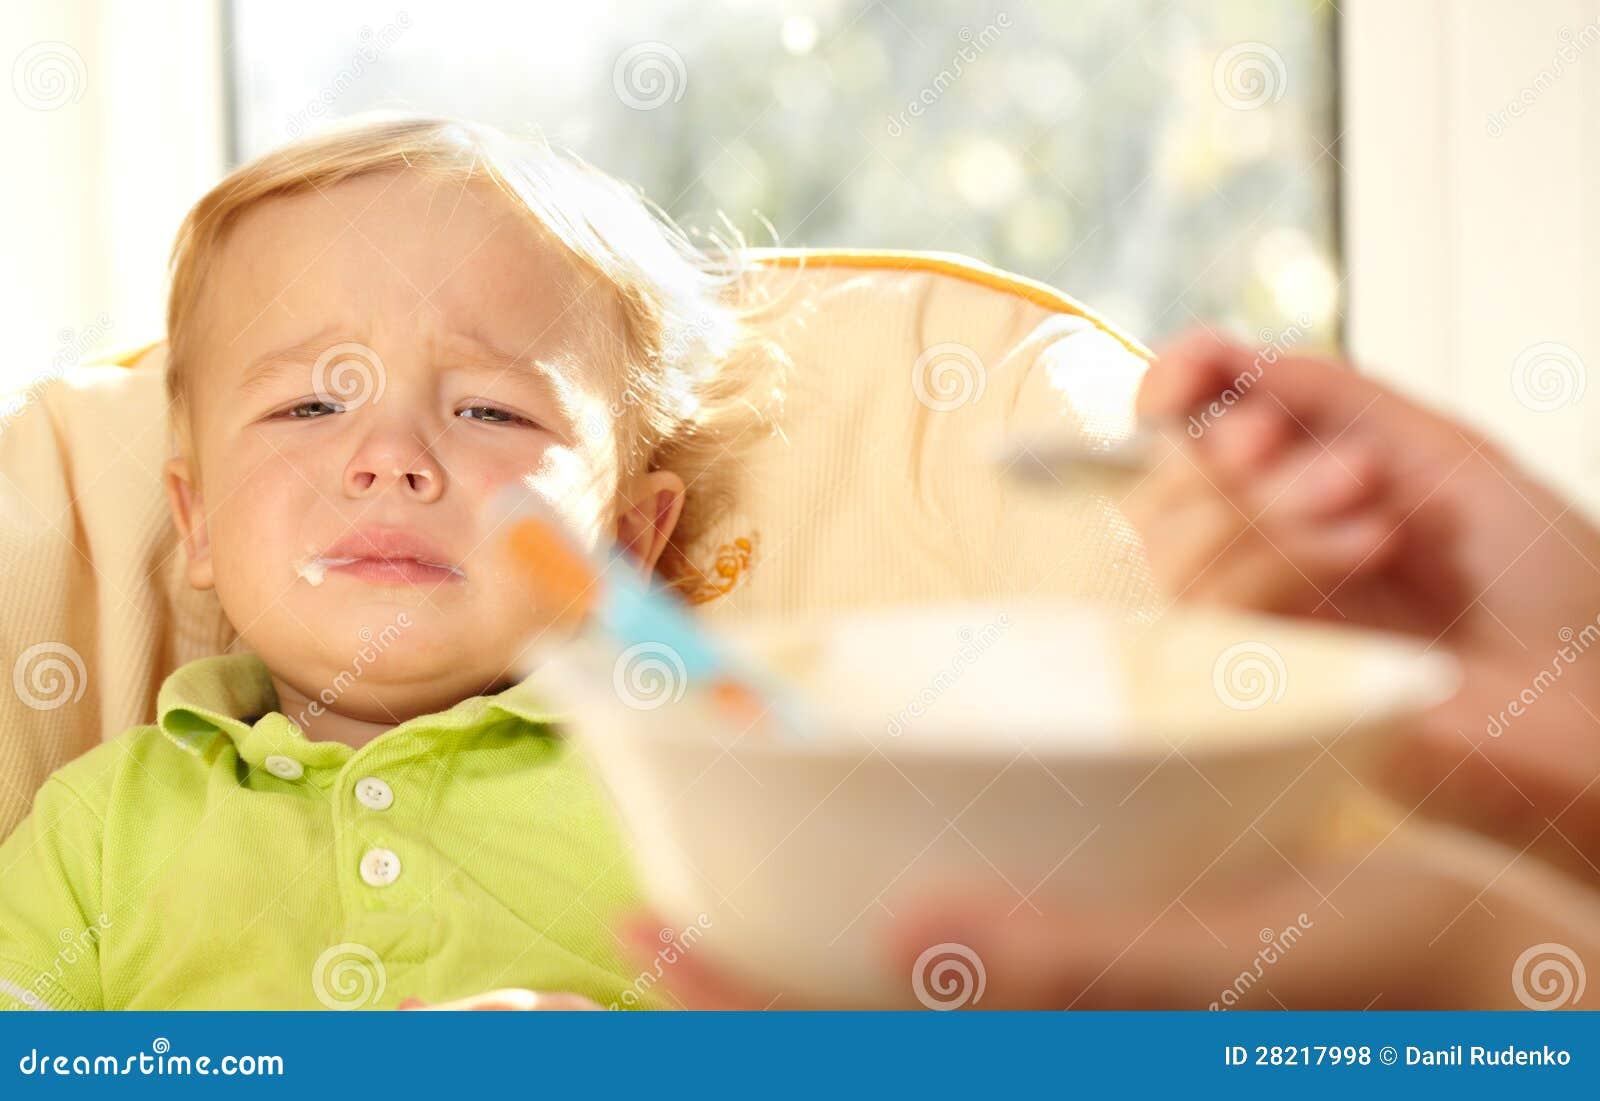 Кушают дети для фото